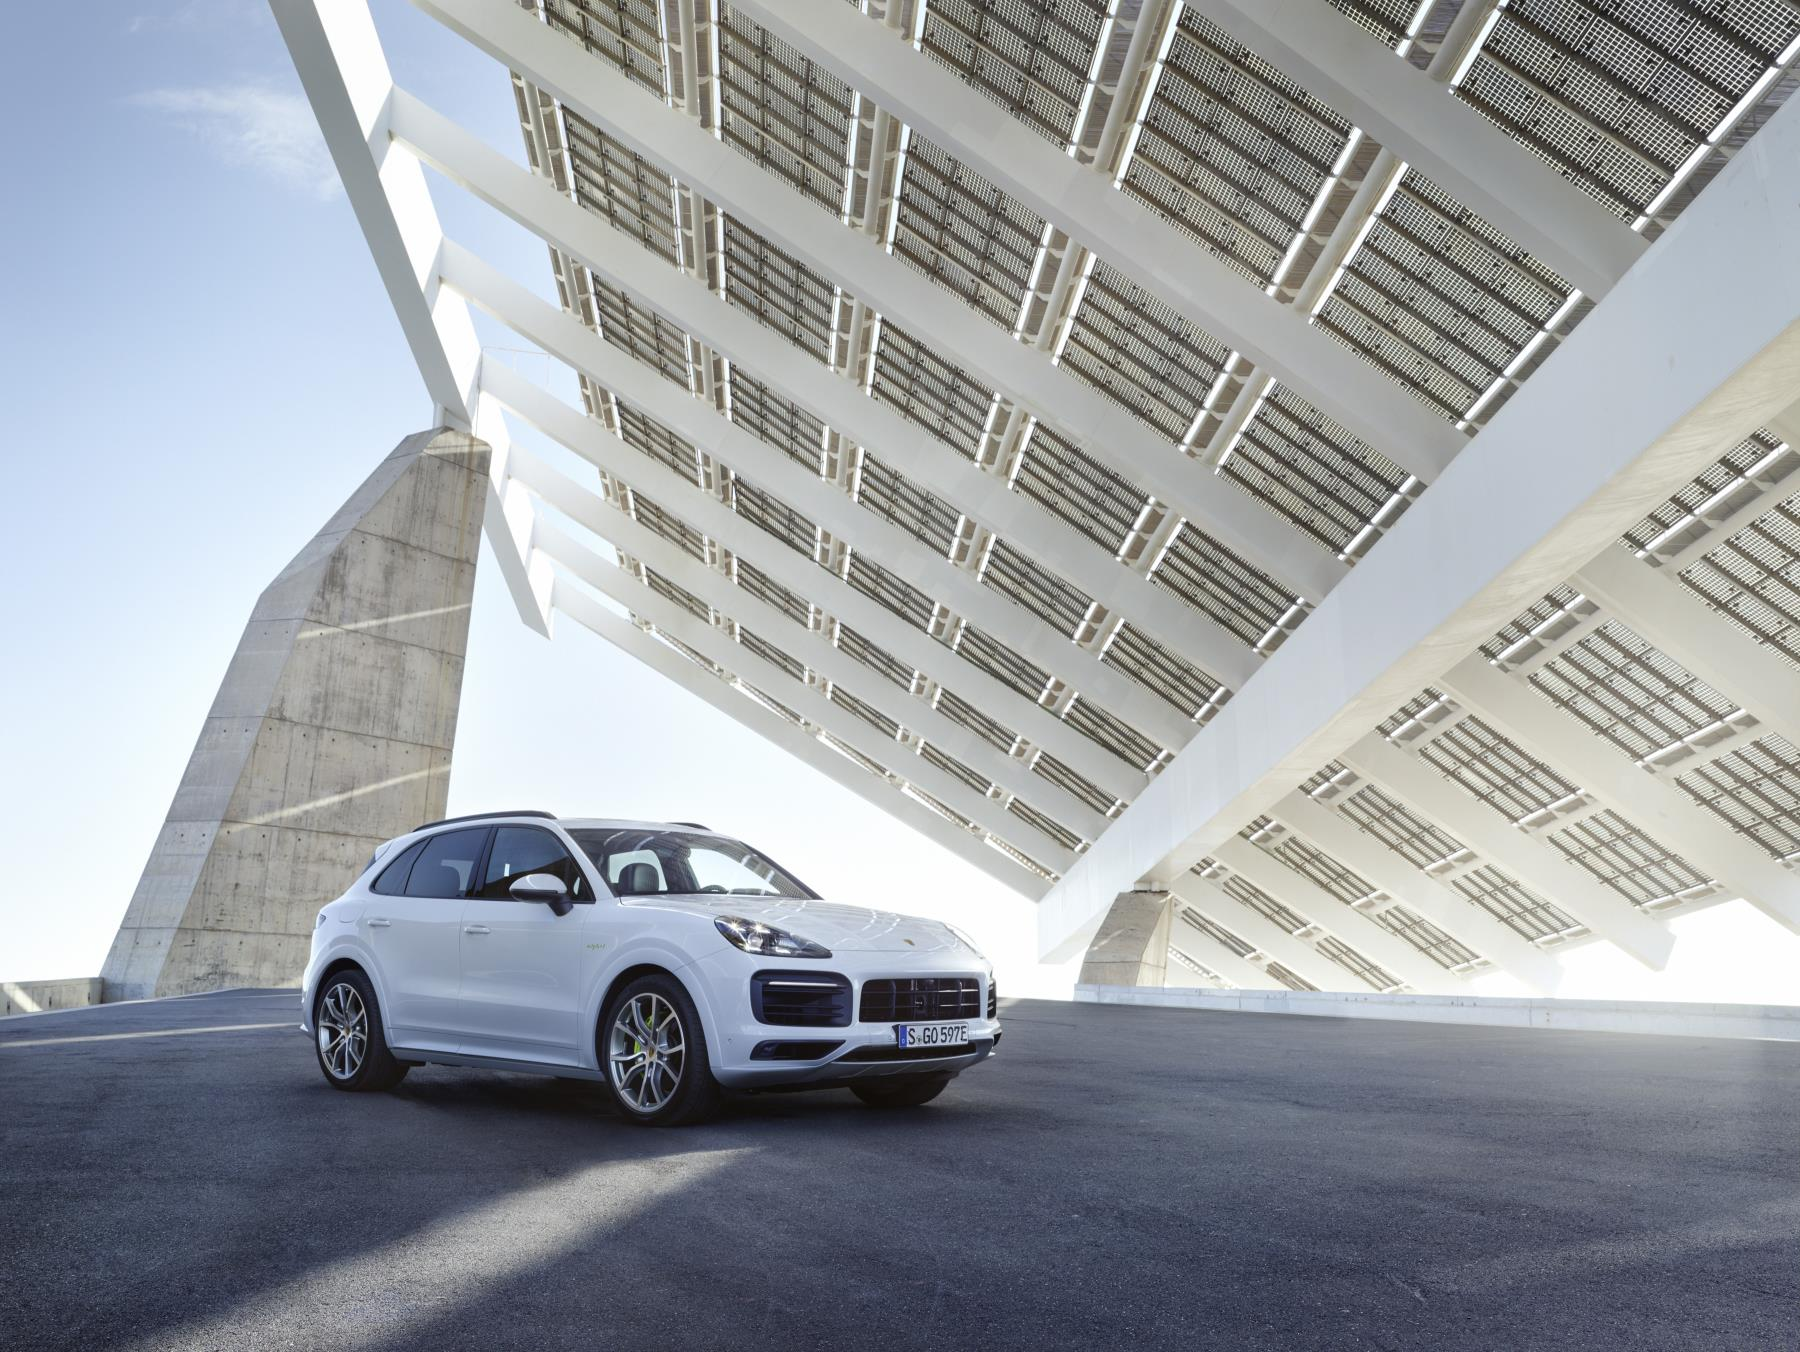 El nuevo Cayene híbrido enchufable (Foto: Porsche)